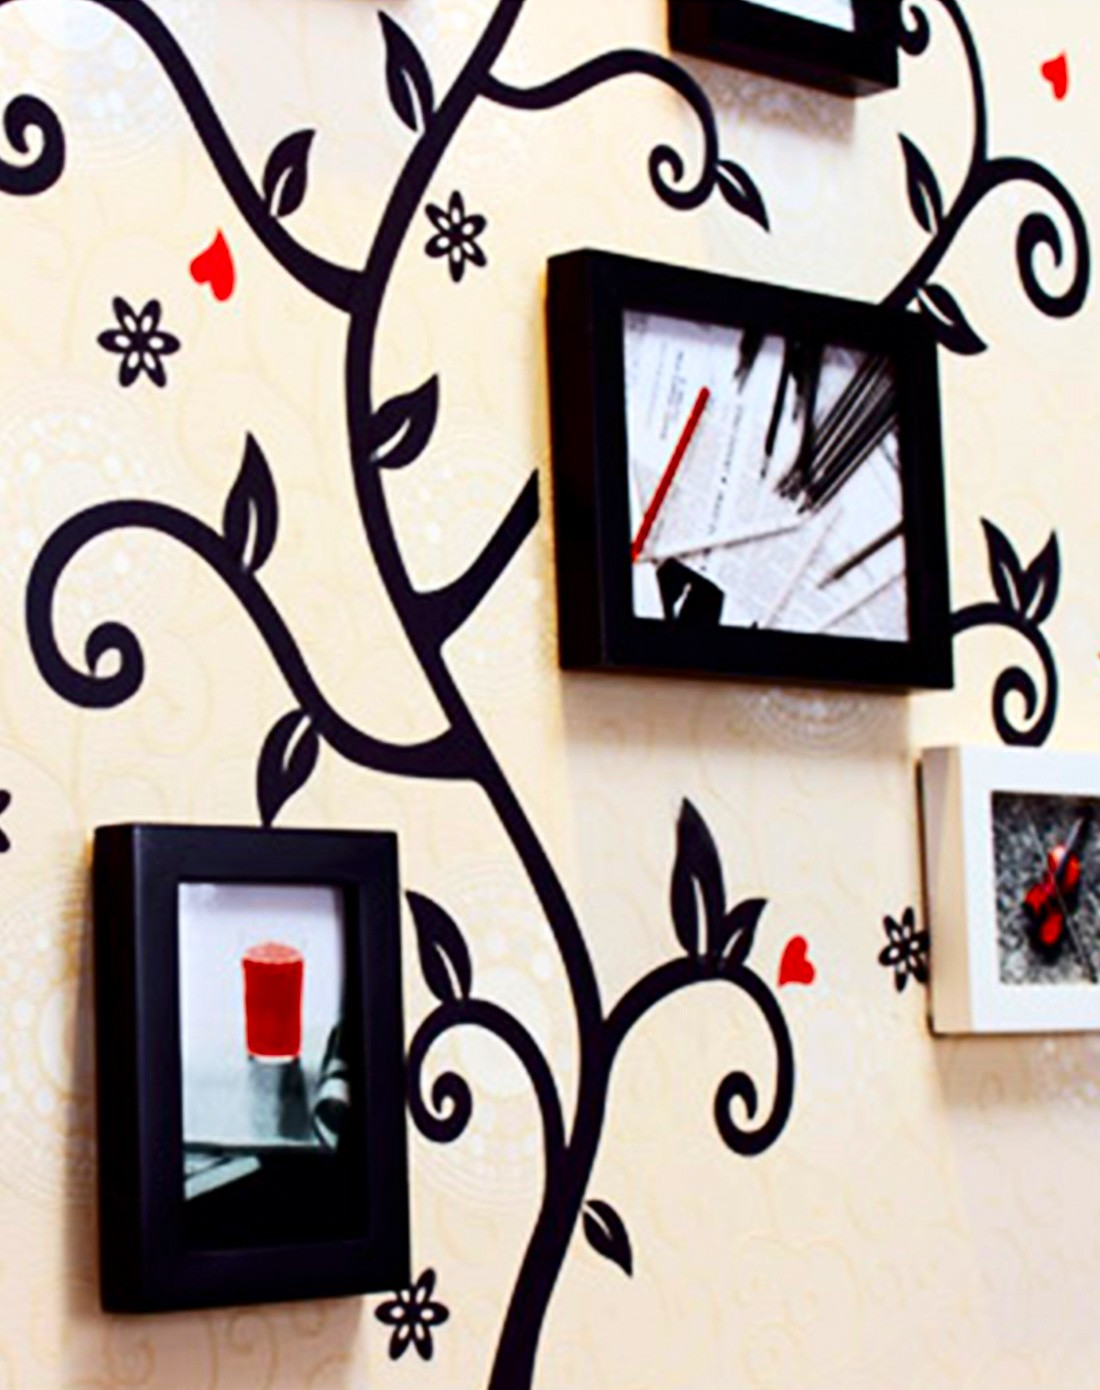 精品简约直板实木创意大树照片墙 黑白